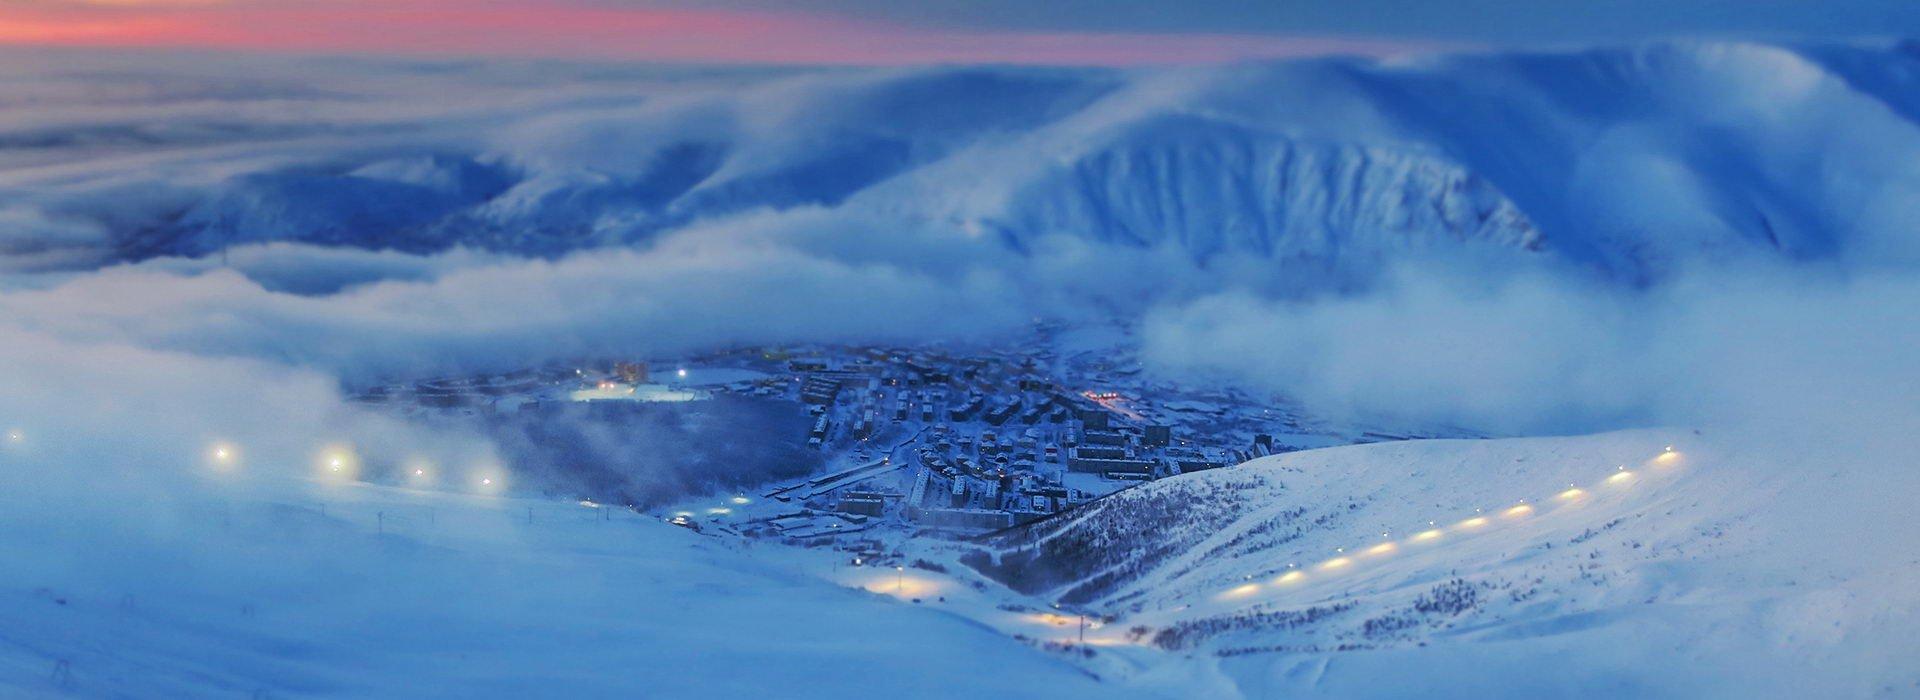 Самый длинный горнолыжный сезон в Хибинах — блог S7 Airlines